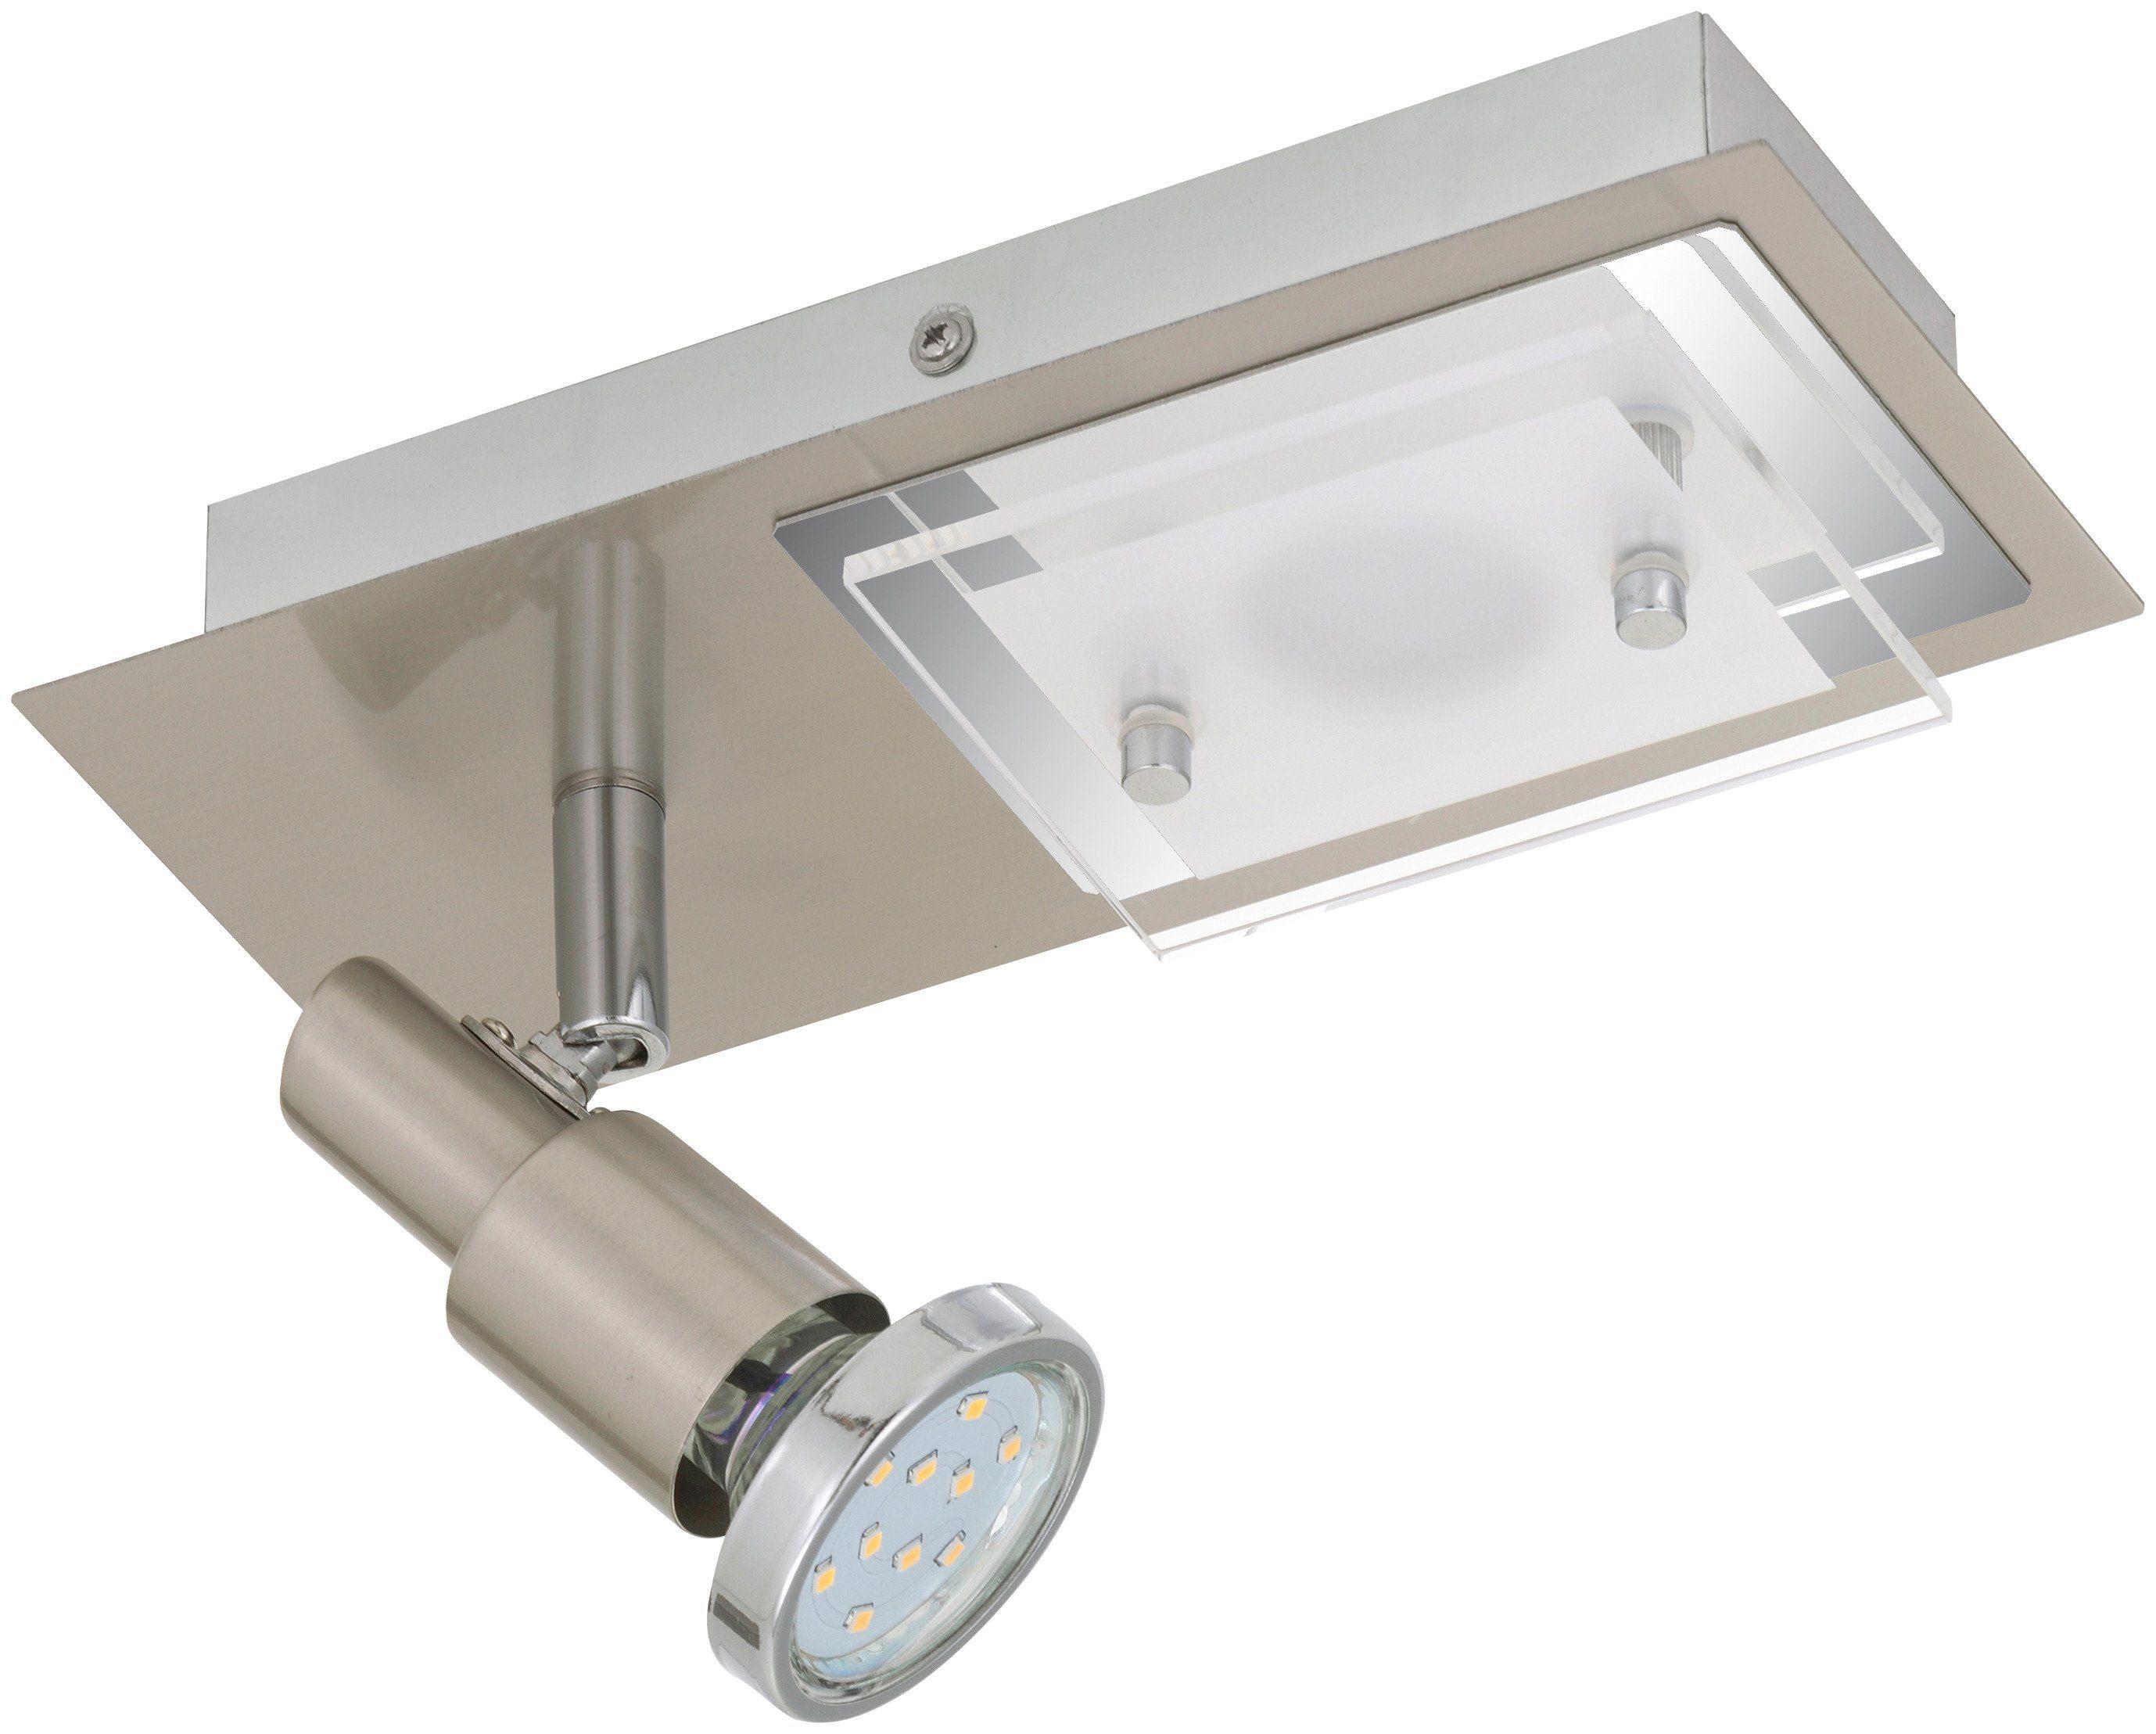 BRILONER LED-Deckenleuchte »Combinata«, 2-flammig, matt-nickel, 3W/5W